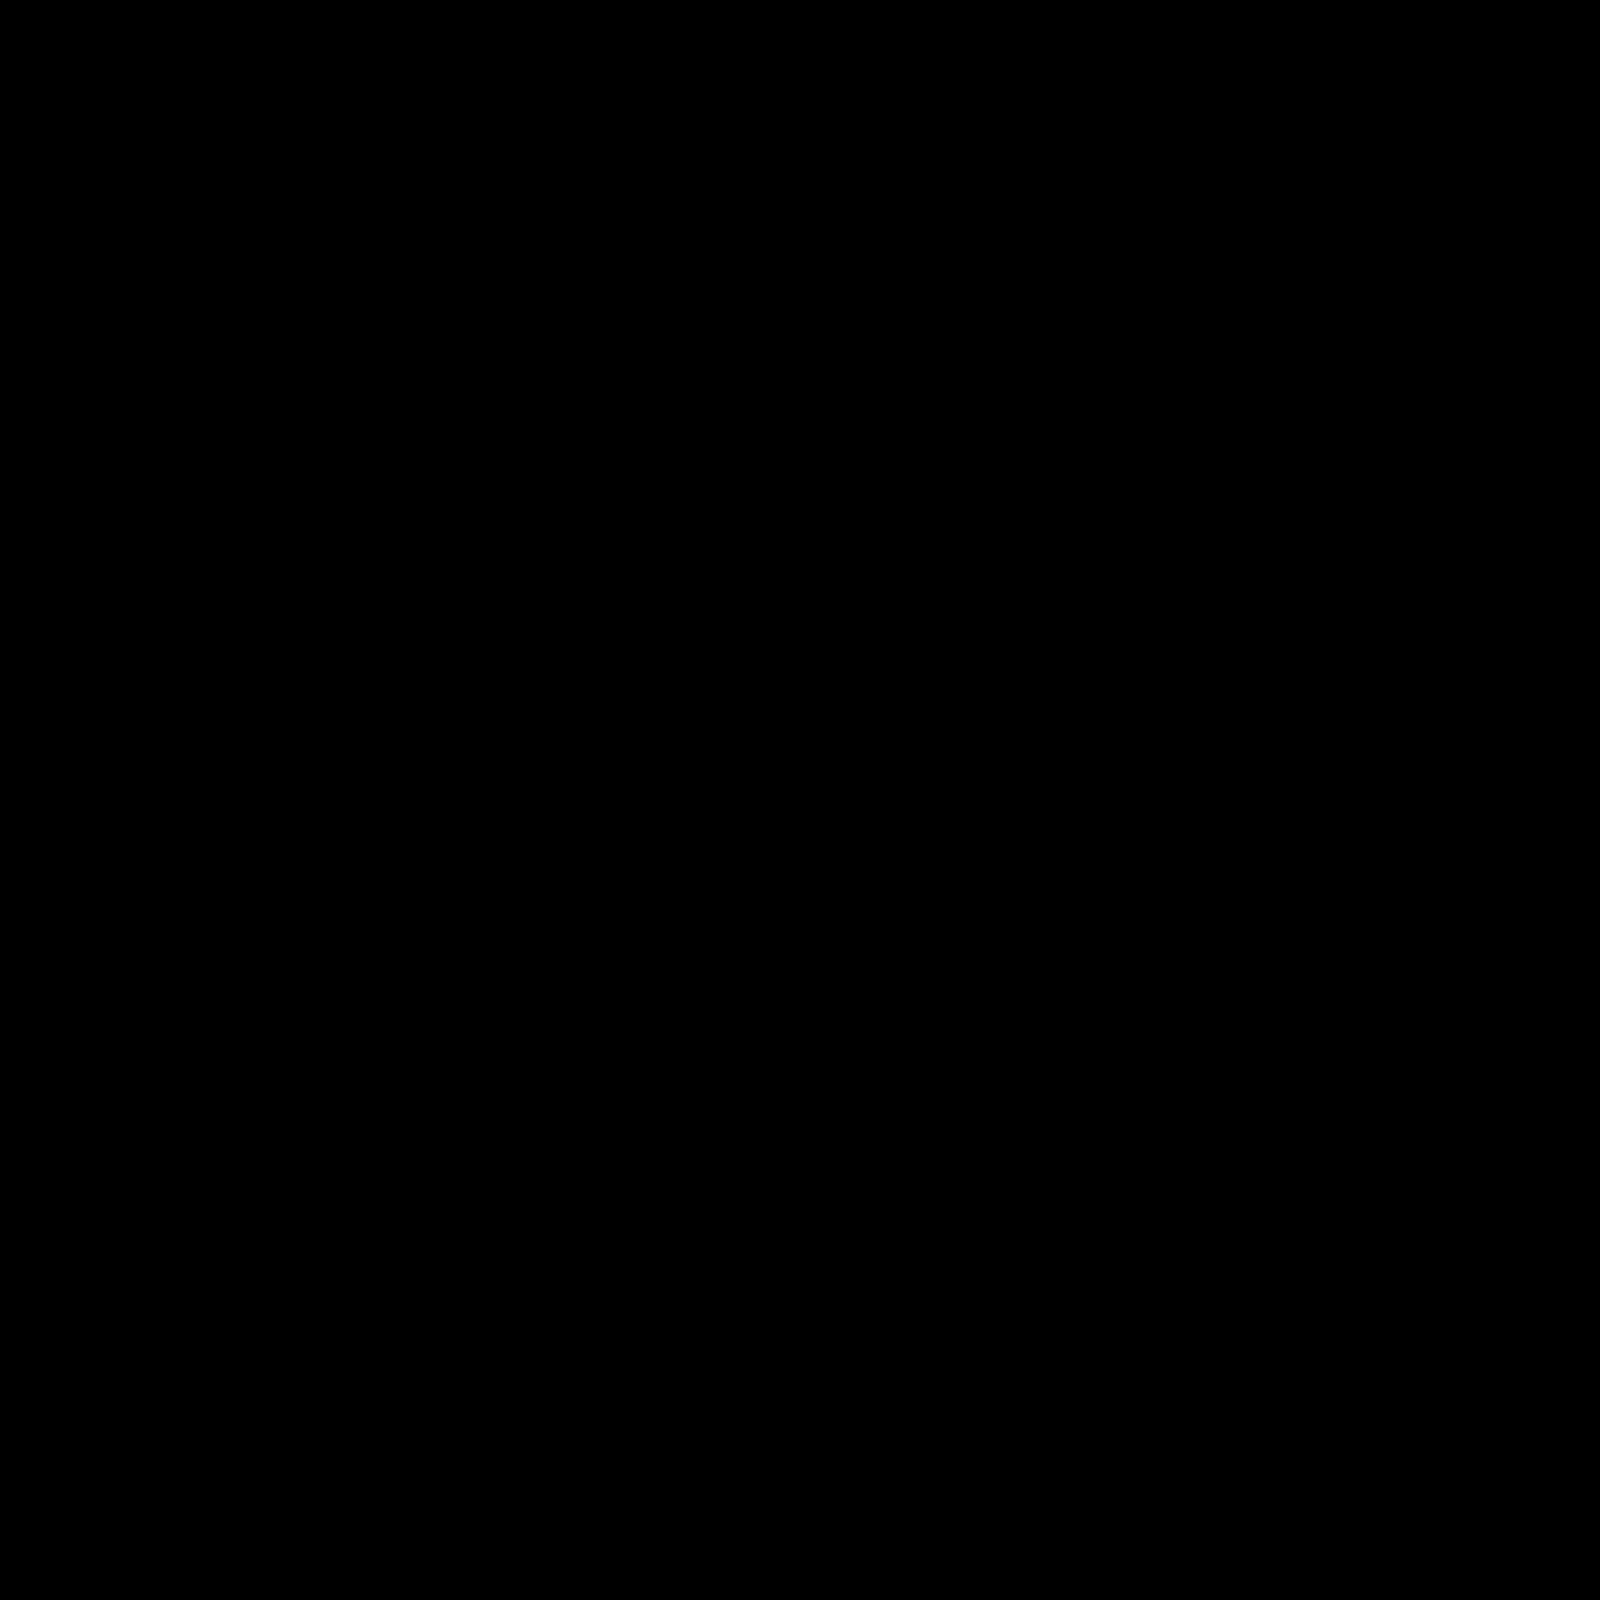 ほこり icon